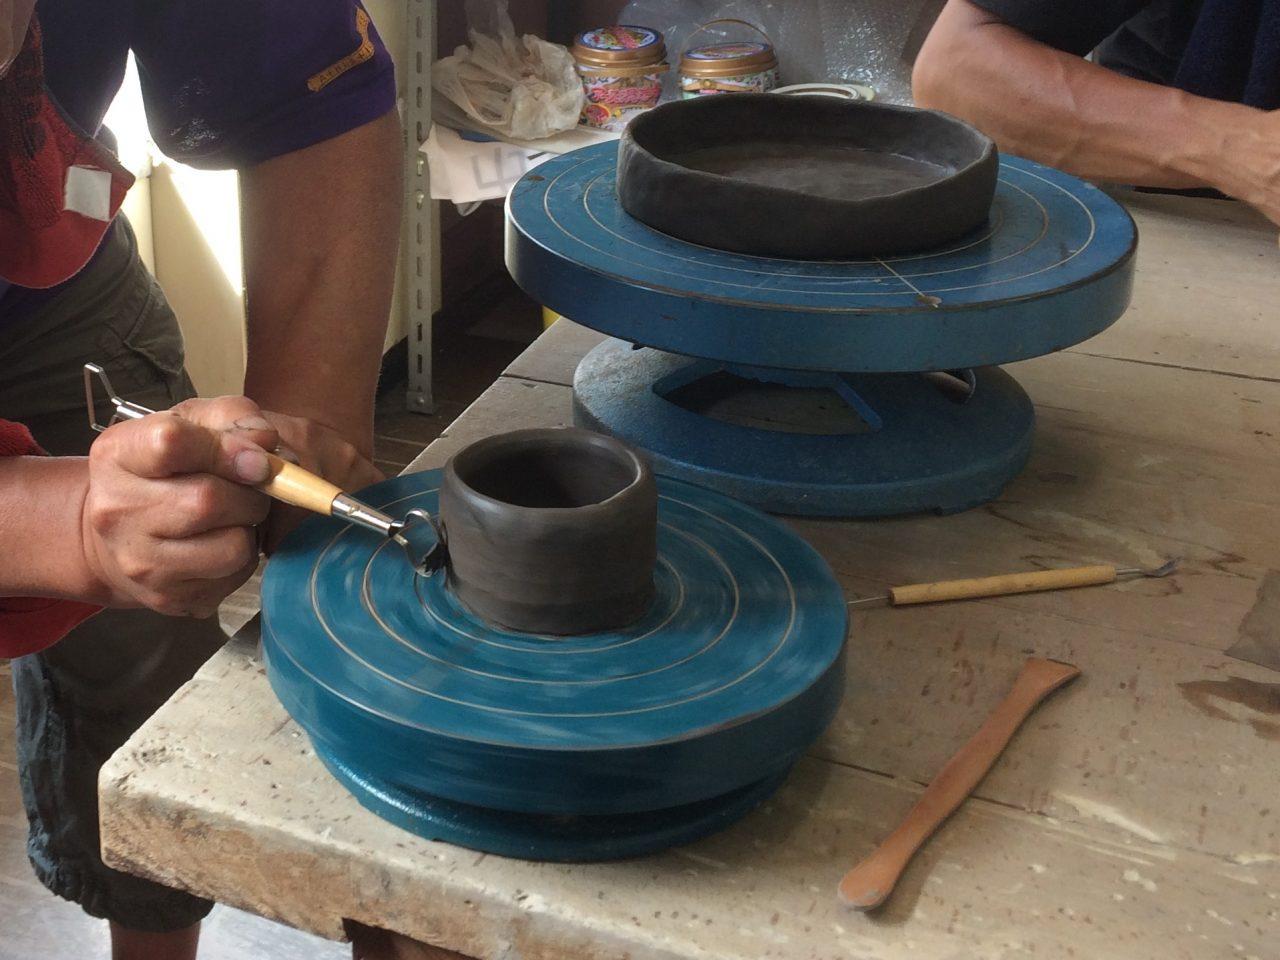 2018-08-07 - <ワークショップ>【礎窯】ゆいぽーと出張作陶体験 申込を開始致しました!